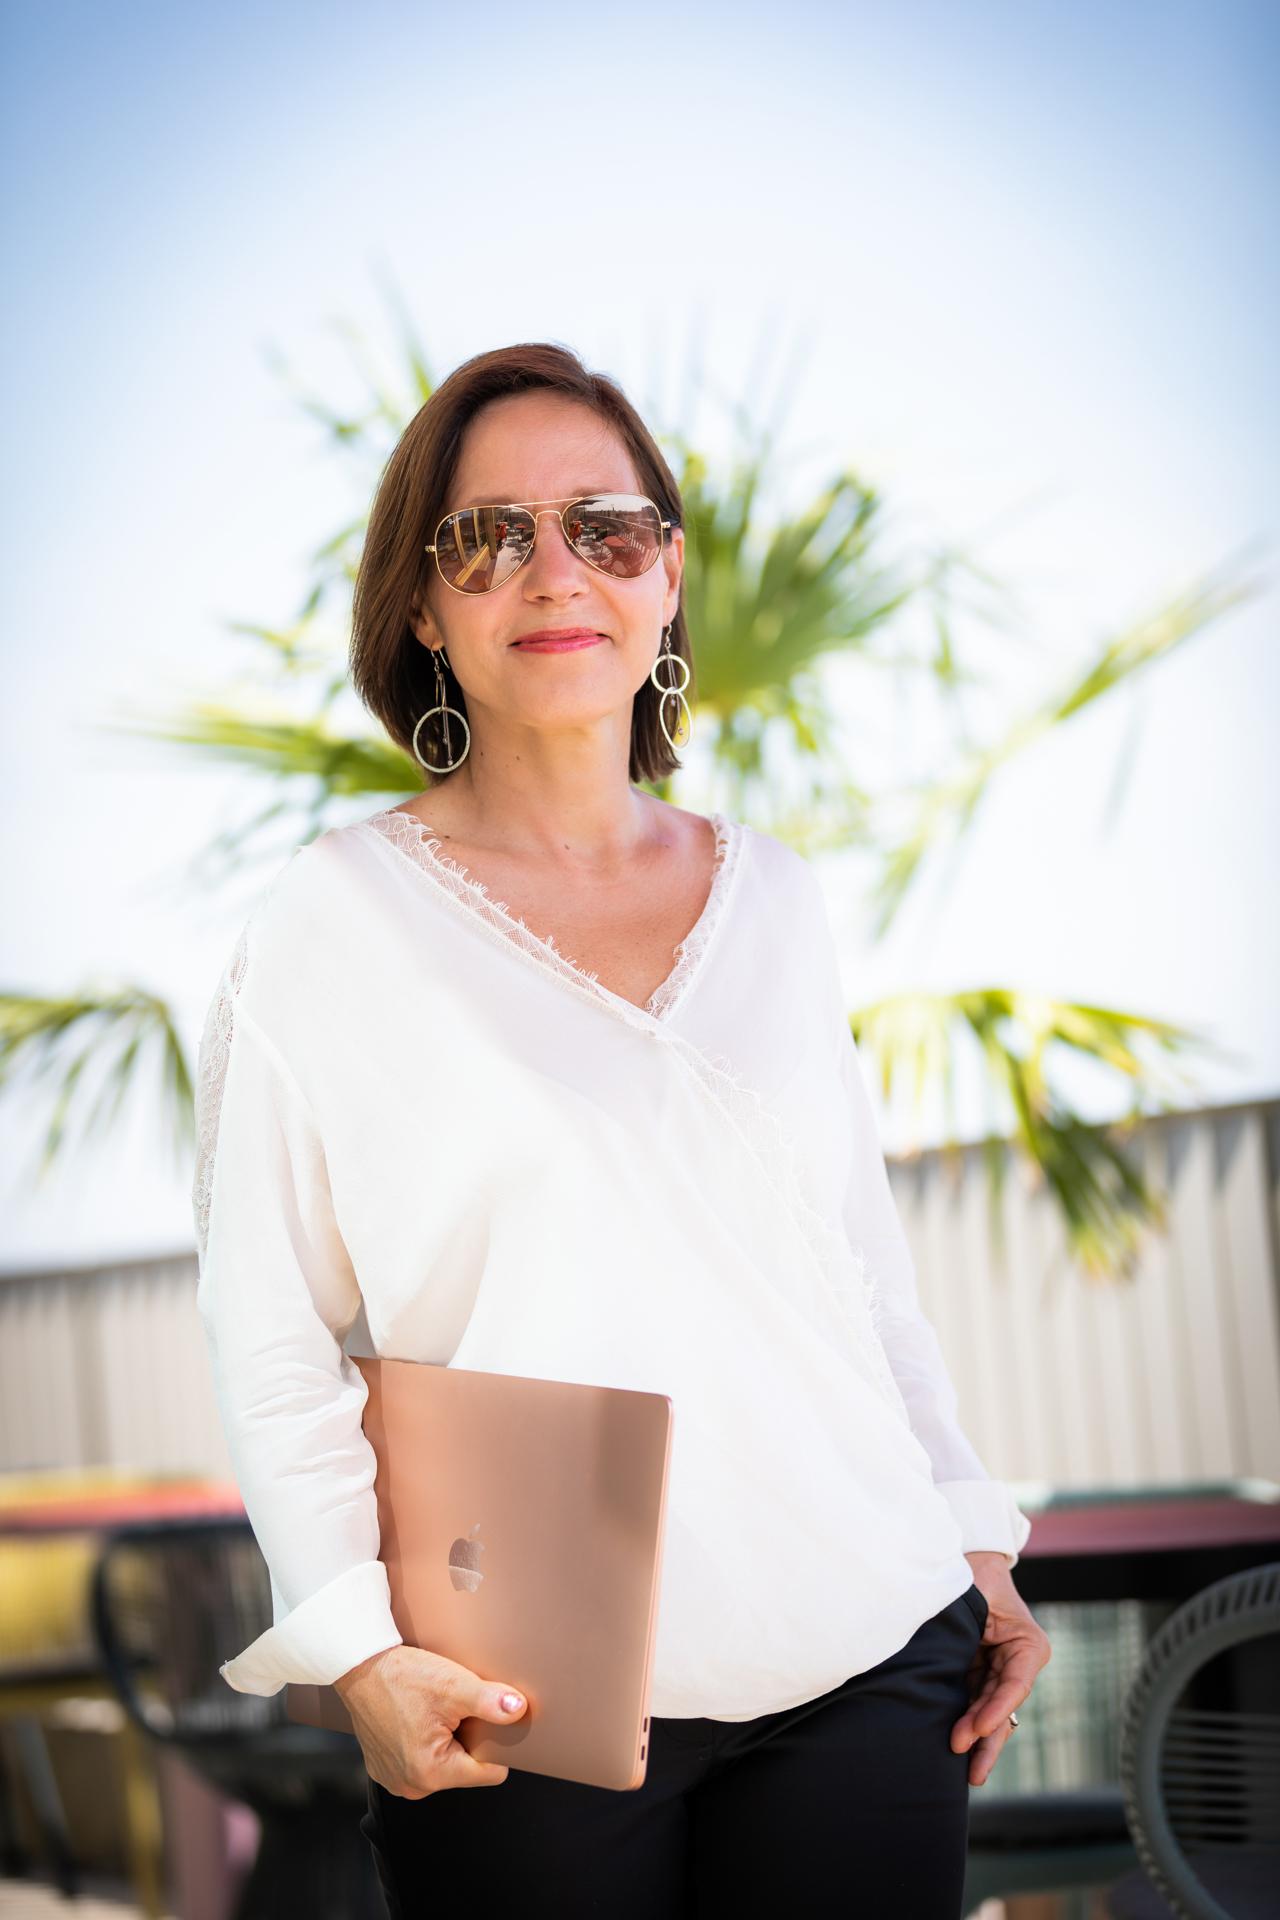 Mentorin Christine Rudolph unterstützt hochensible Frauen